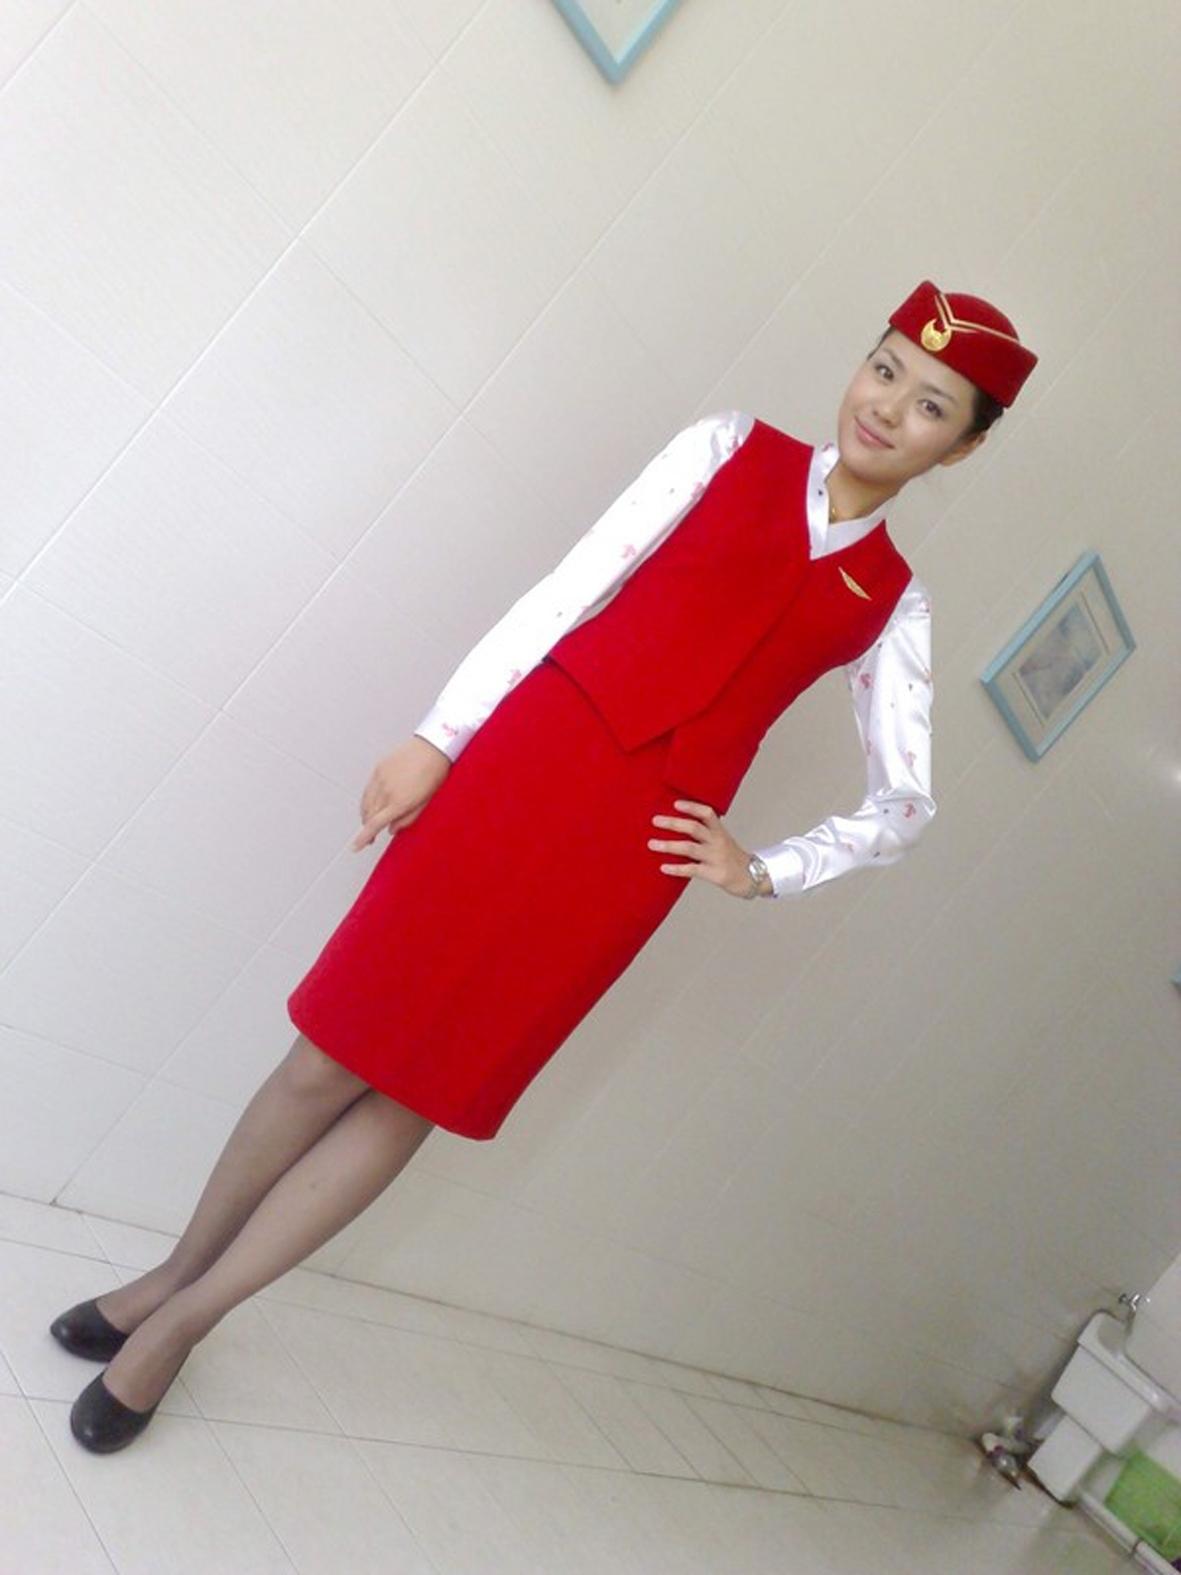 王老五和空姐在一起的日子,原创 原创摄影图片